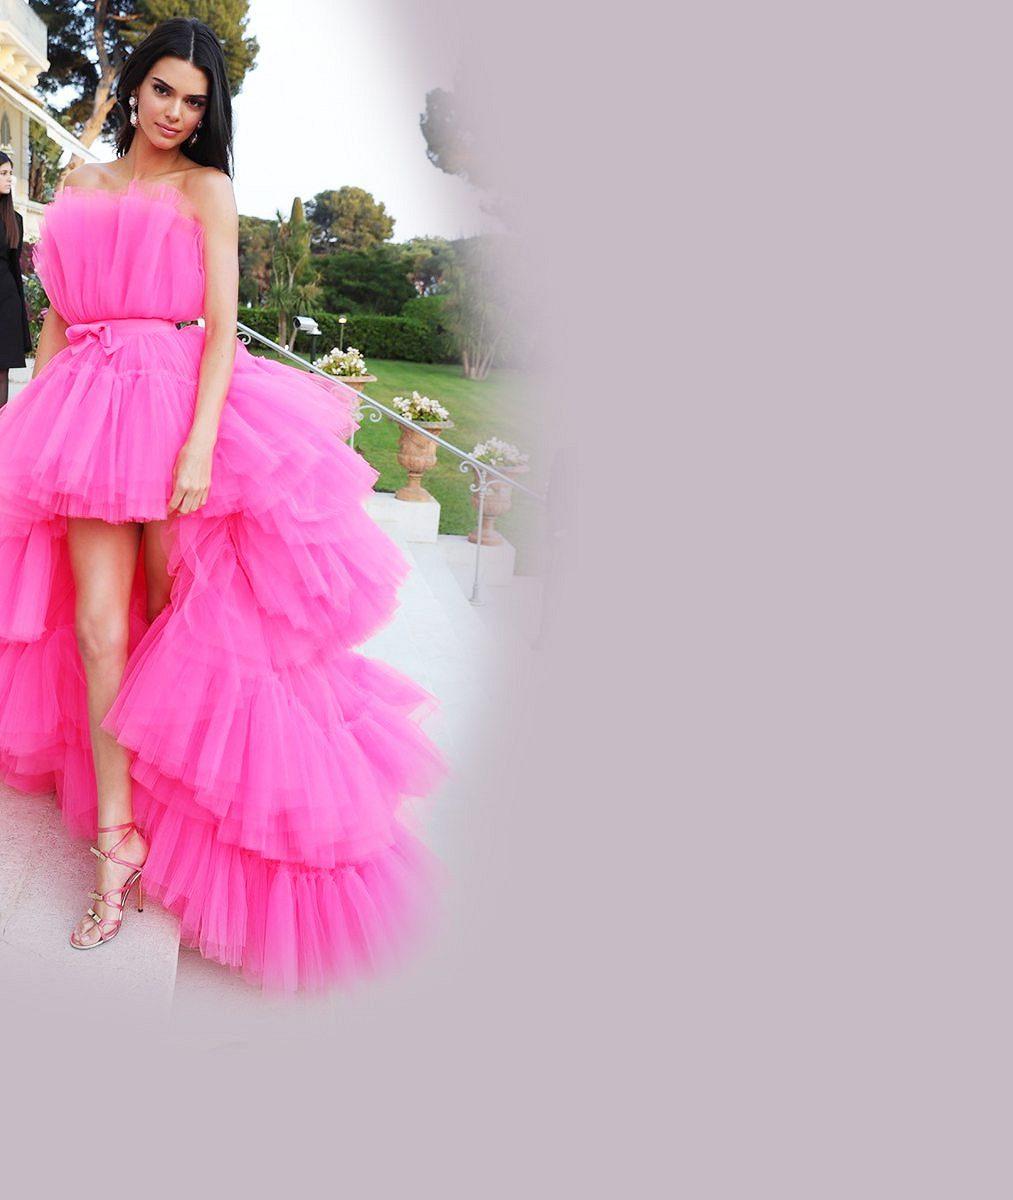 Za slavnými sestrami ve svlékání nezaostává: Kendall Jenner se pro kampaň svlékla donaha